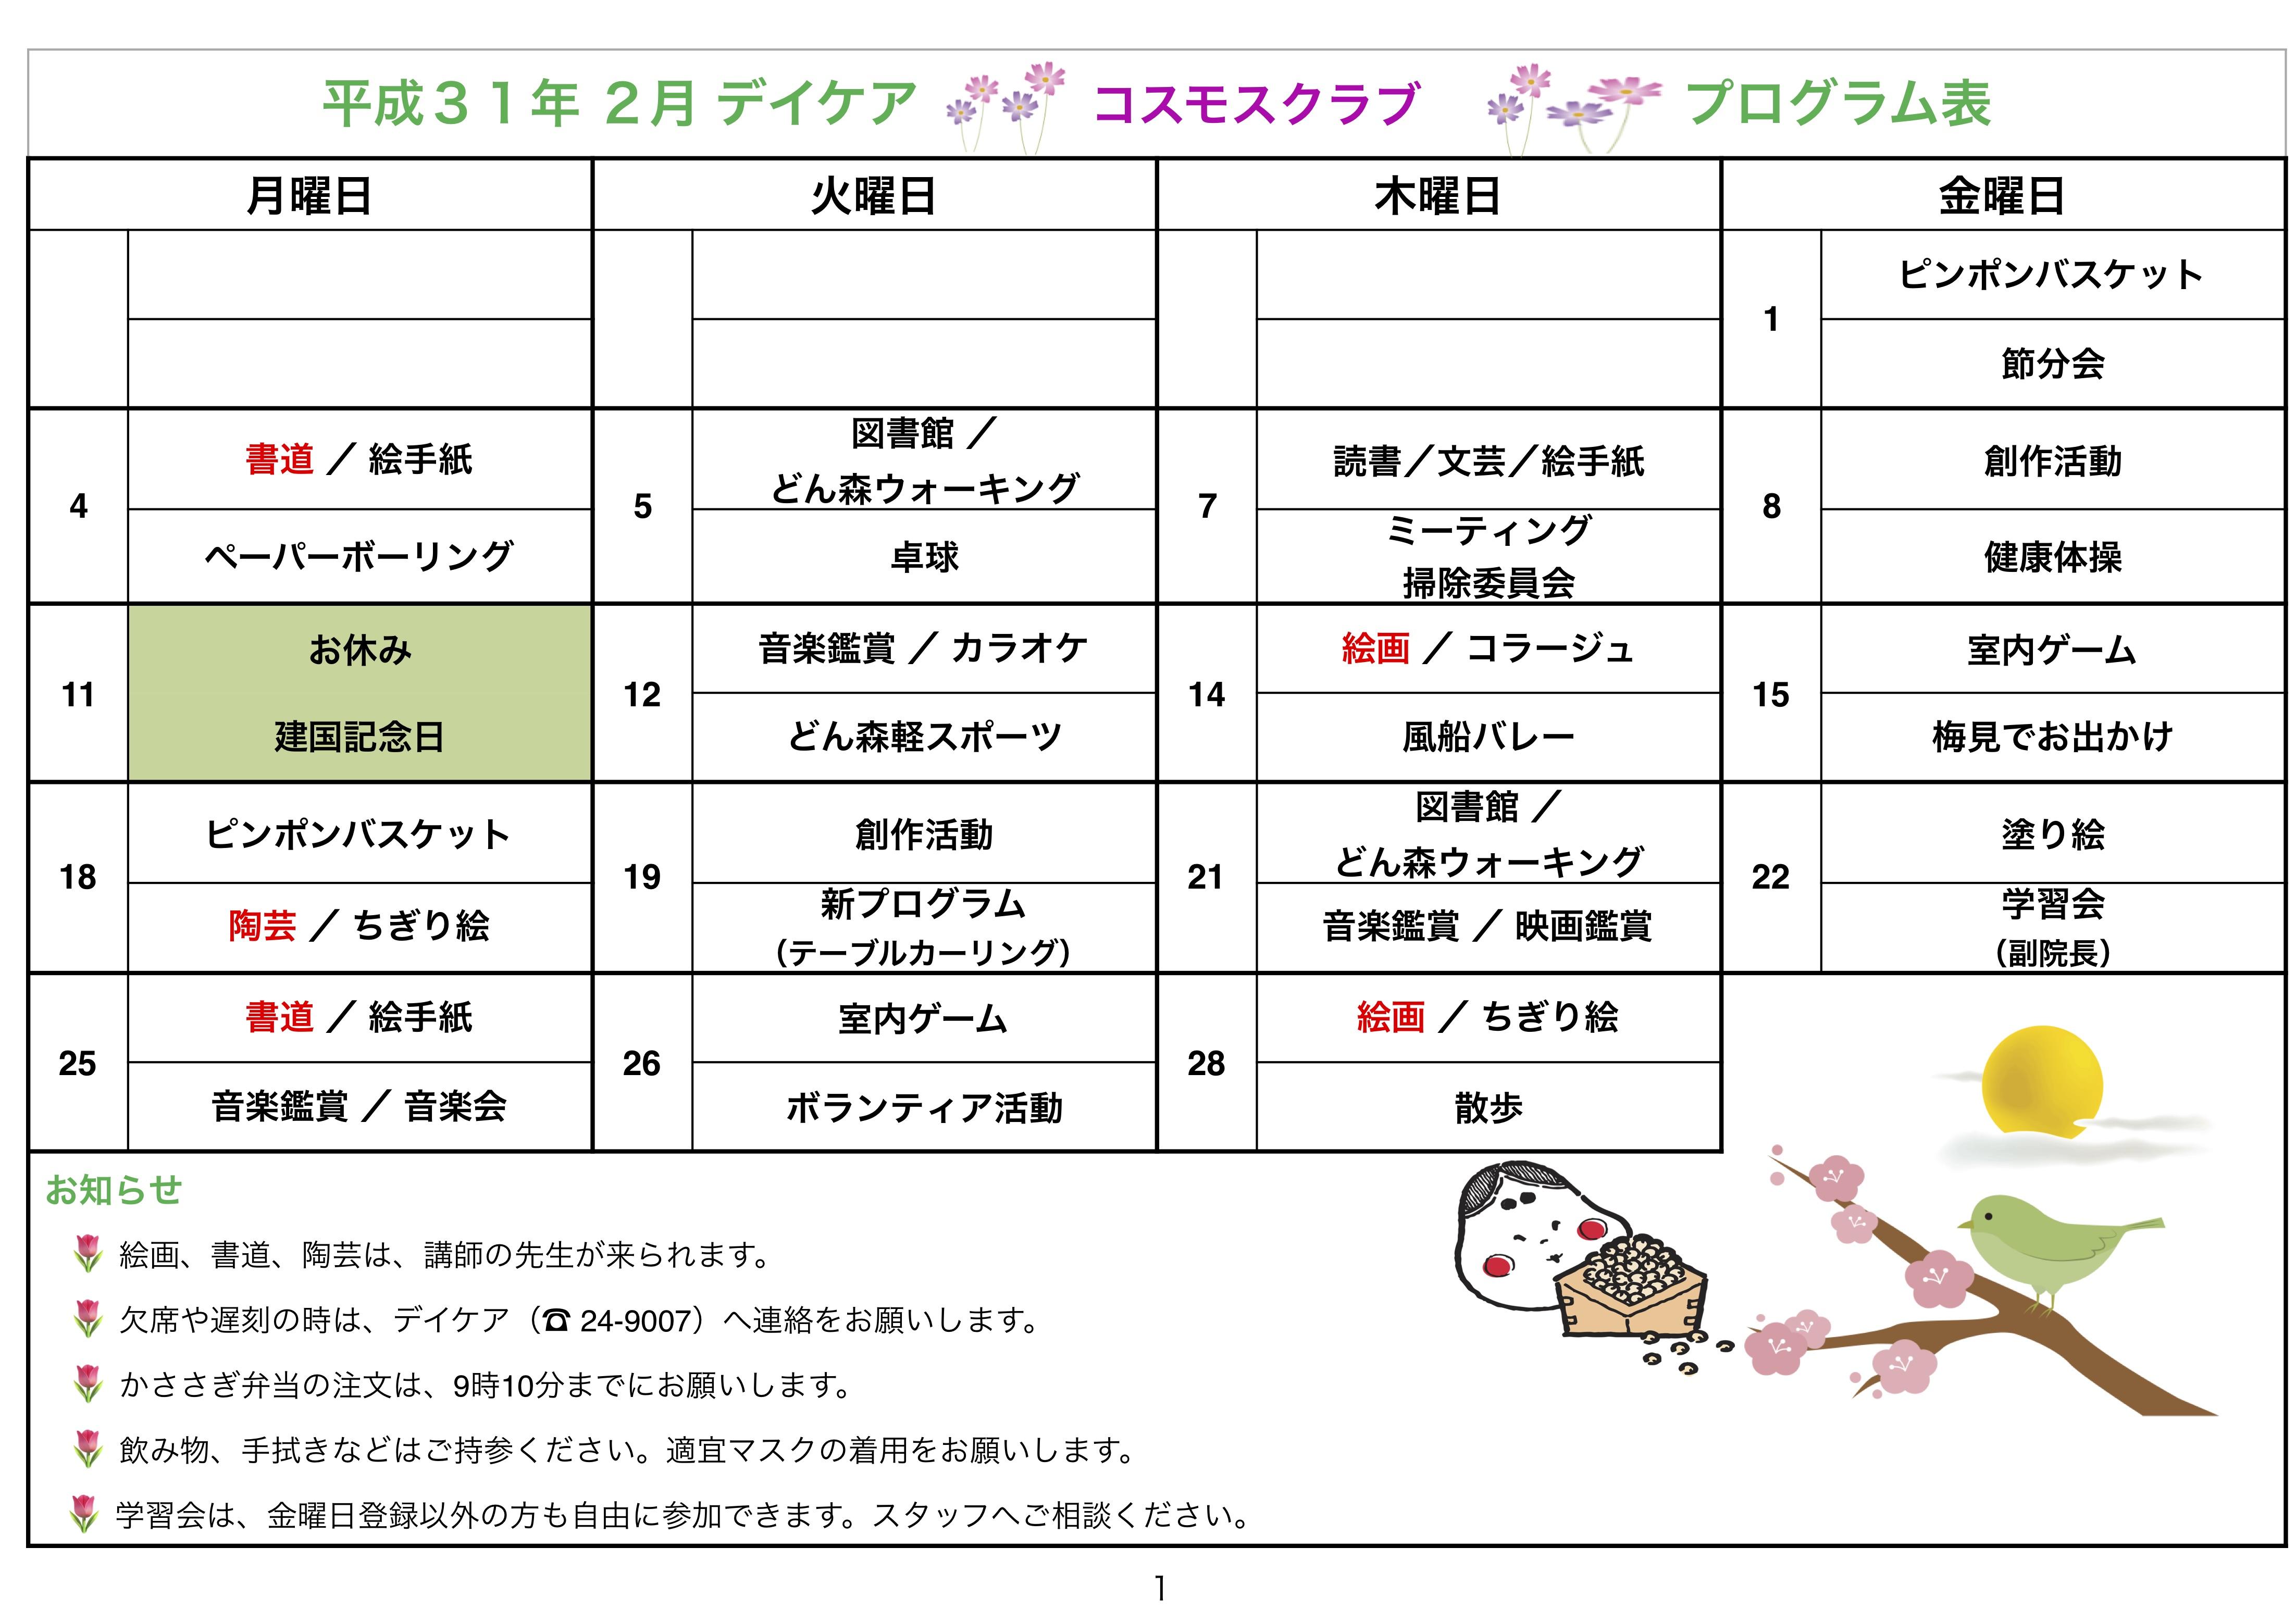 2019年2月プログラム表